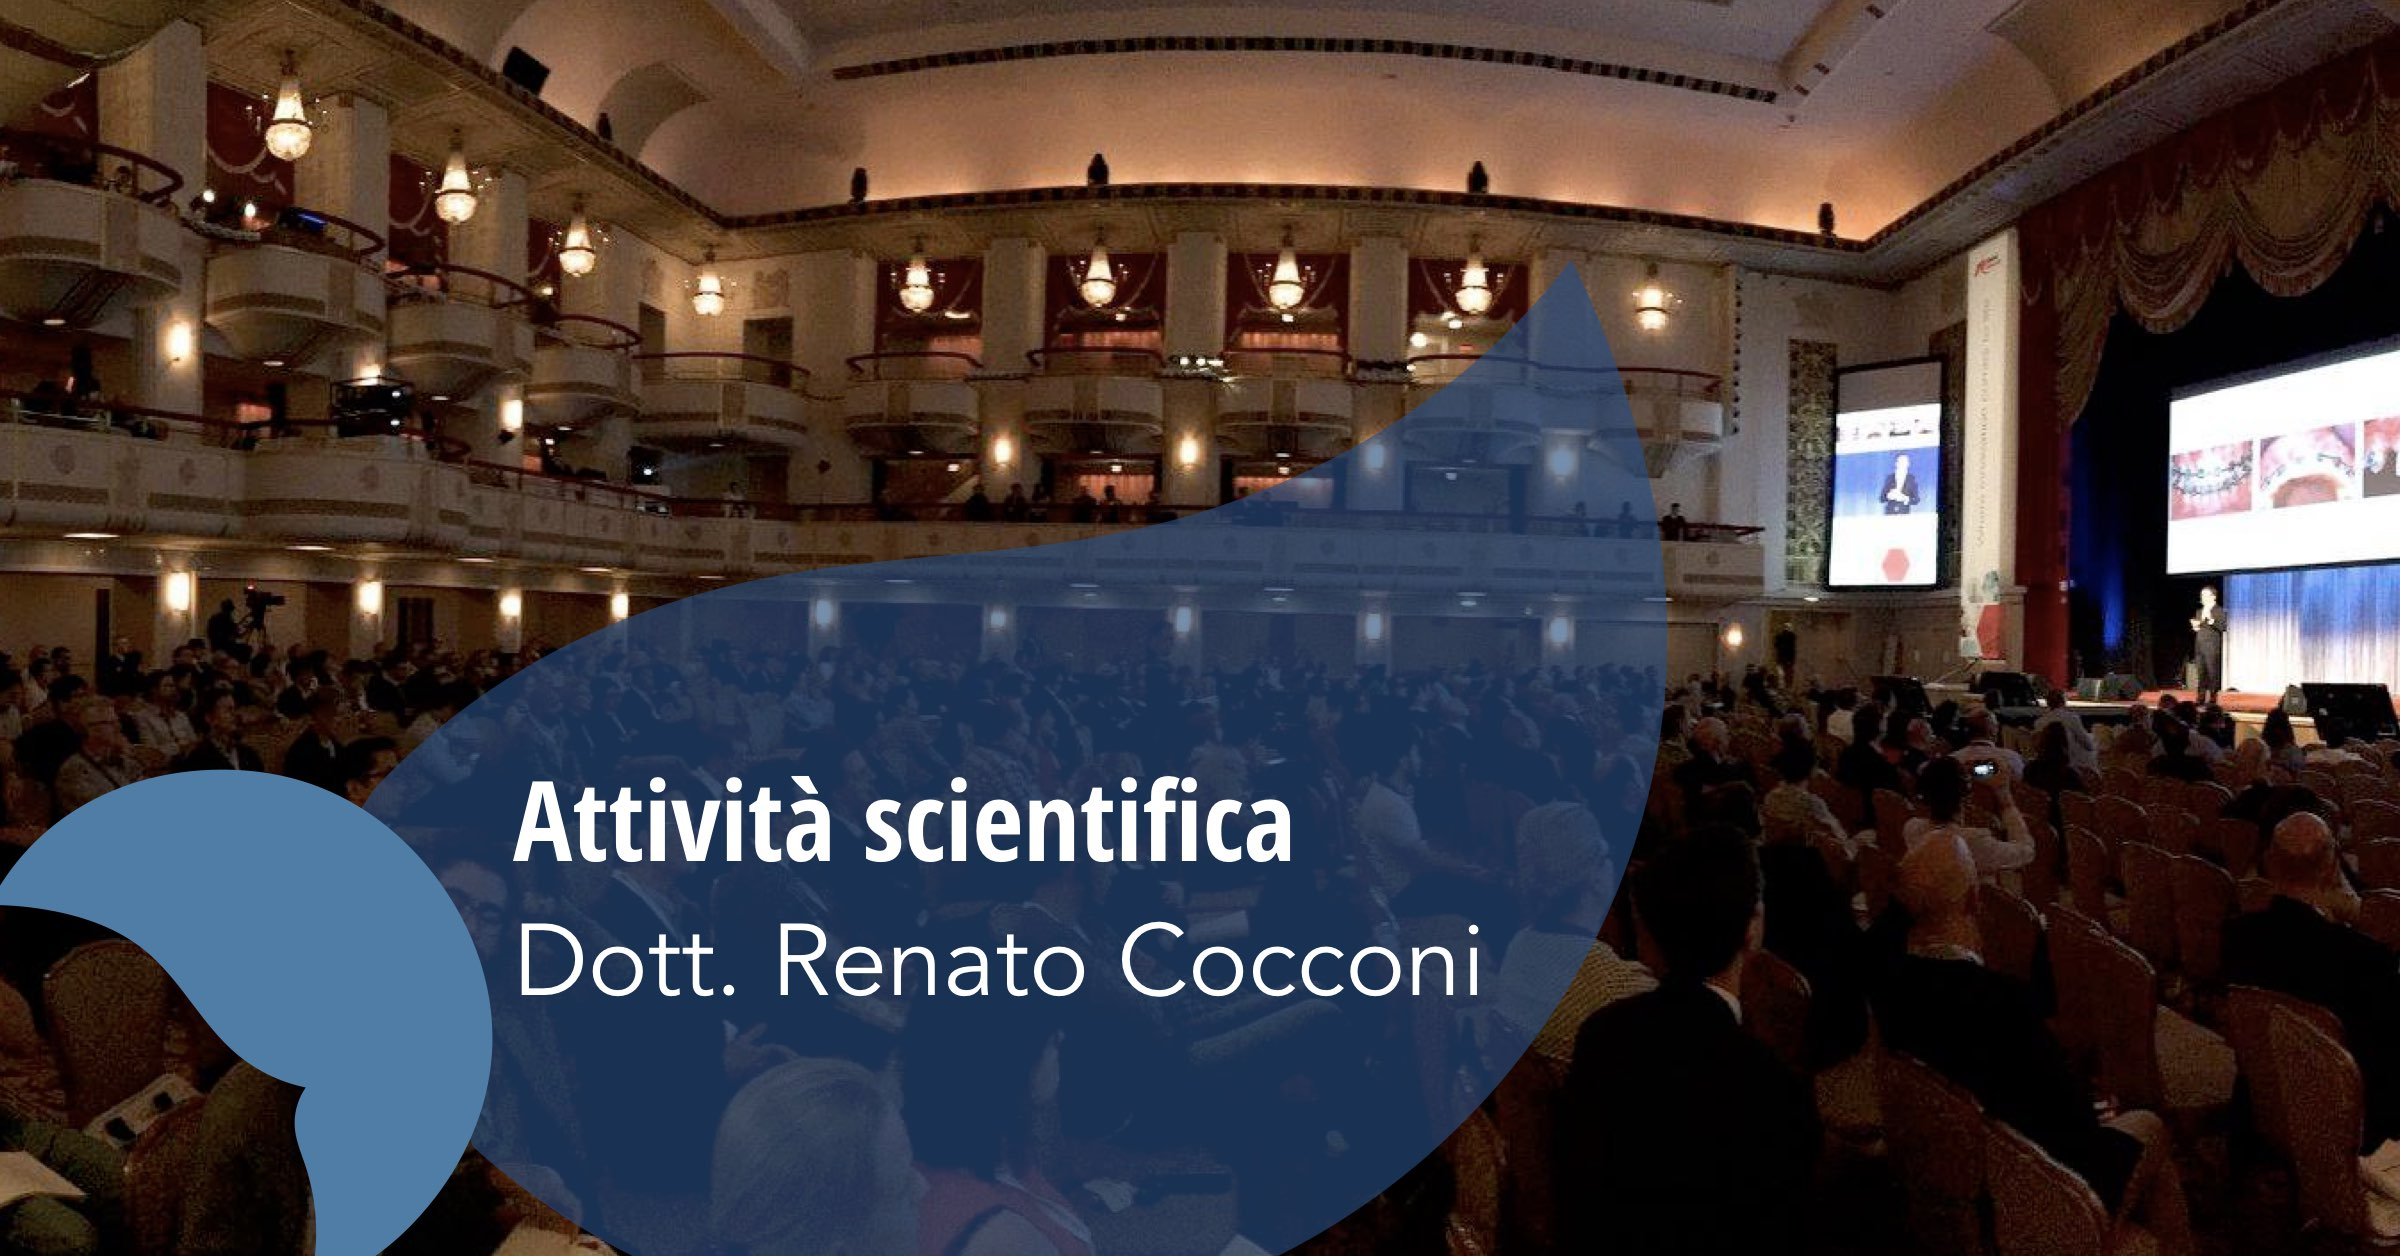 Attivita scientifica Renato Cocconi 03